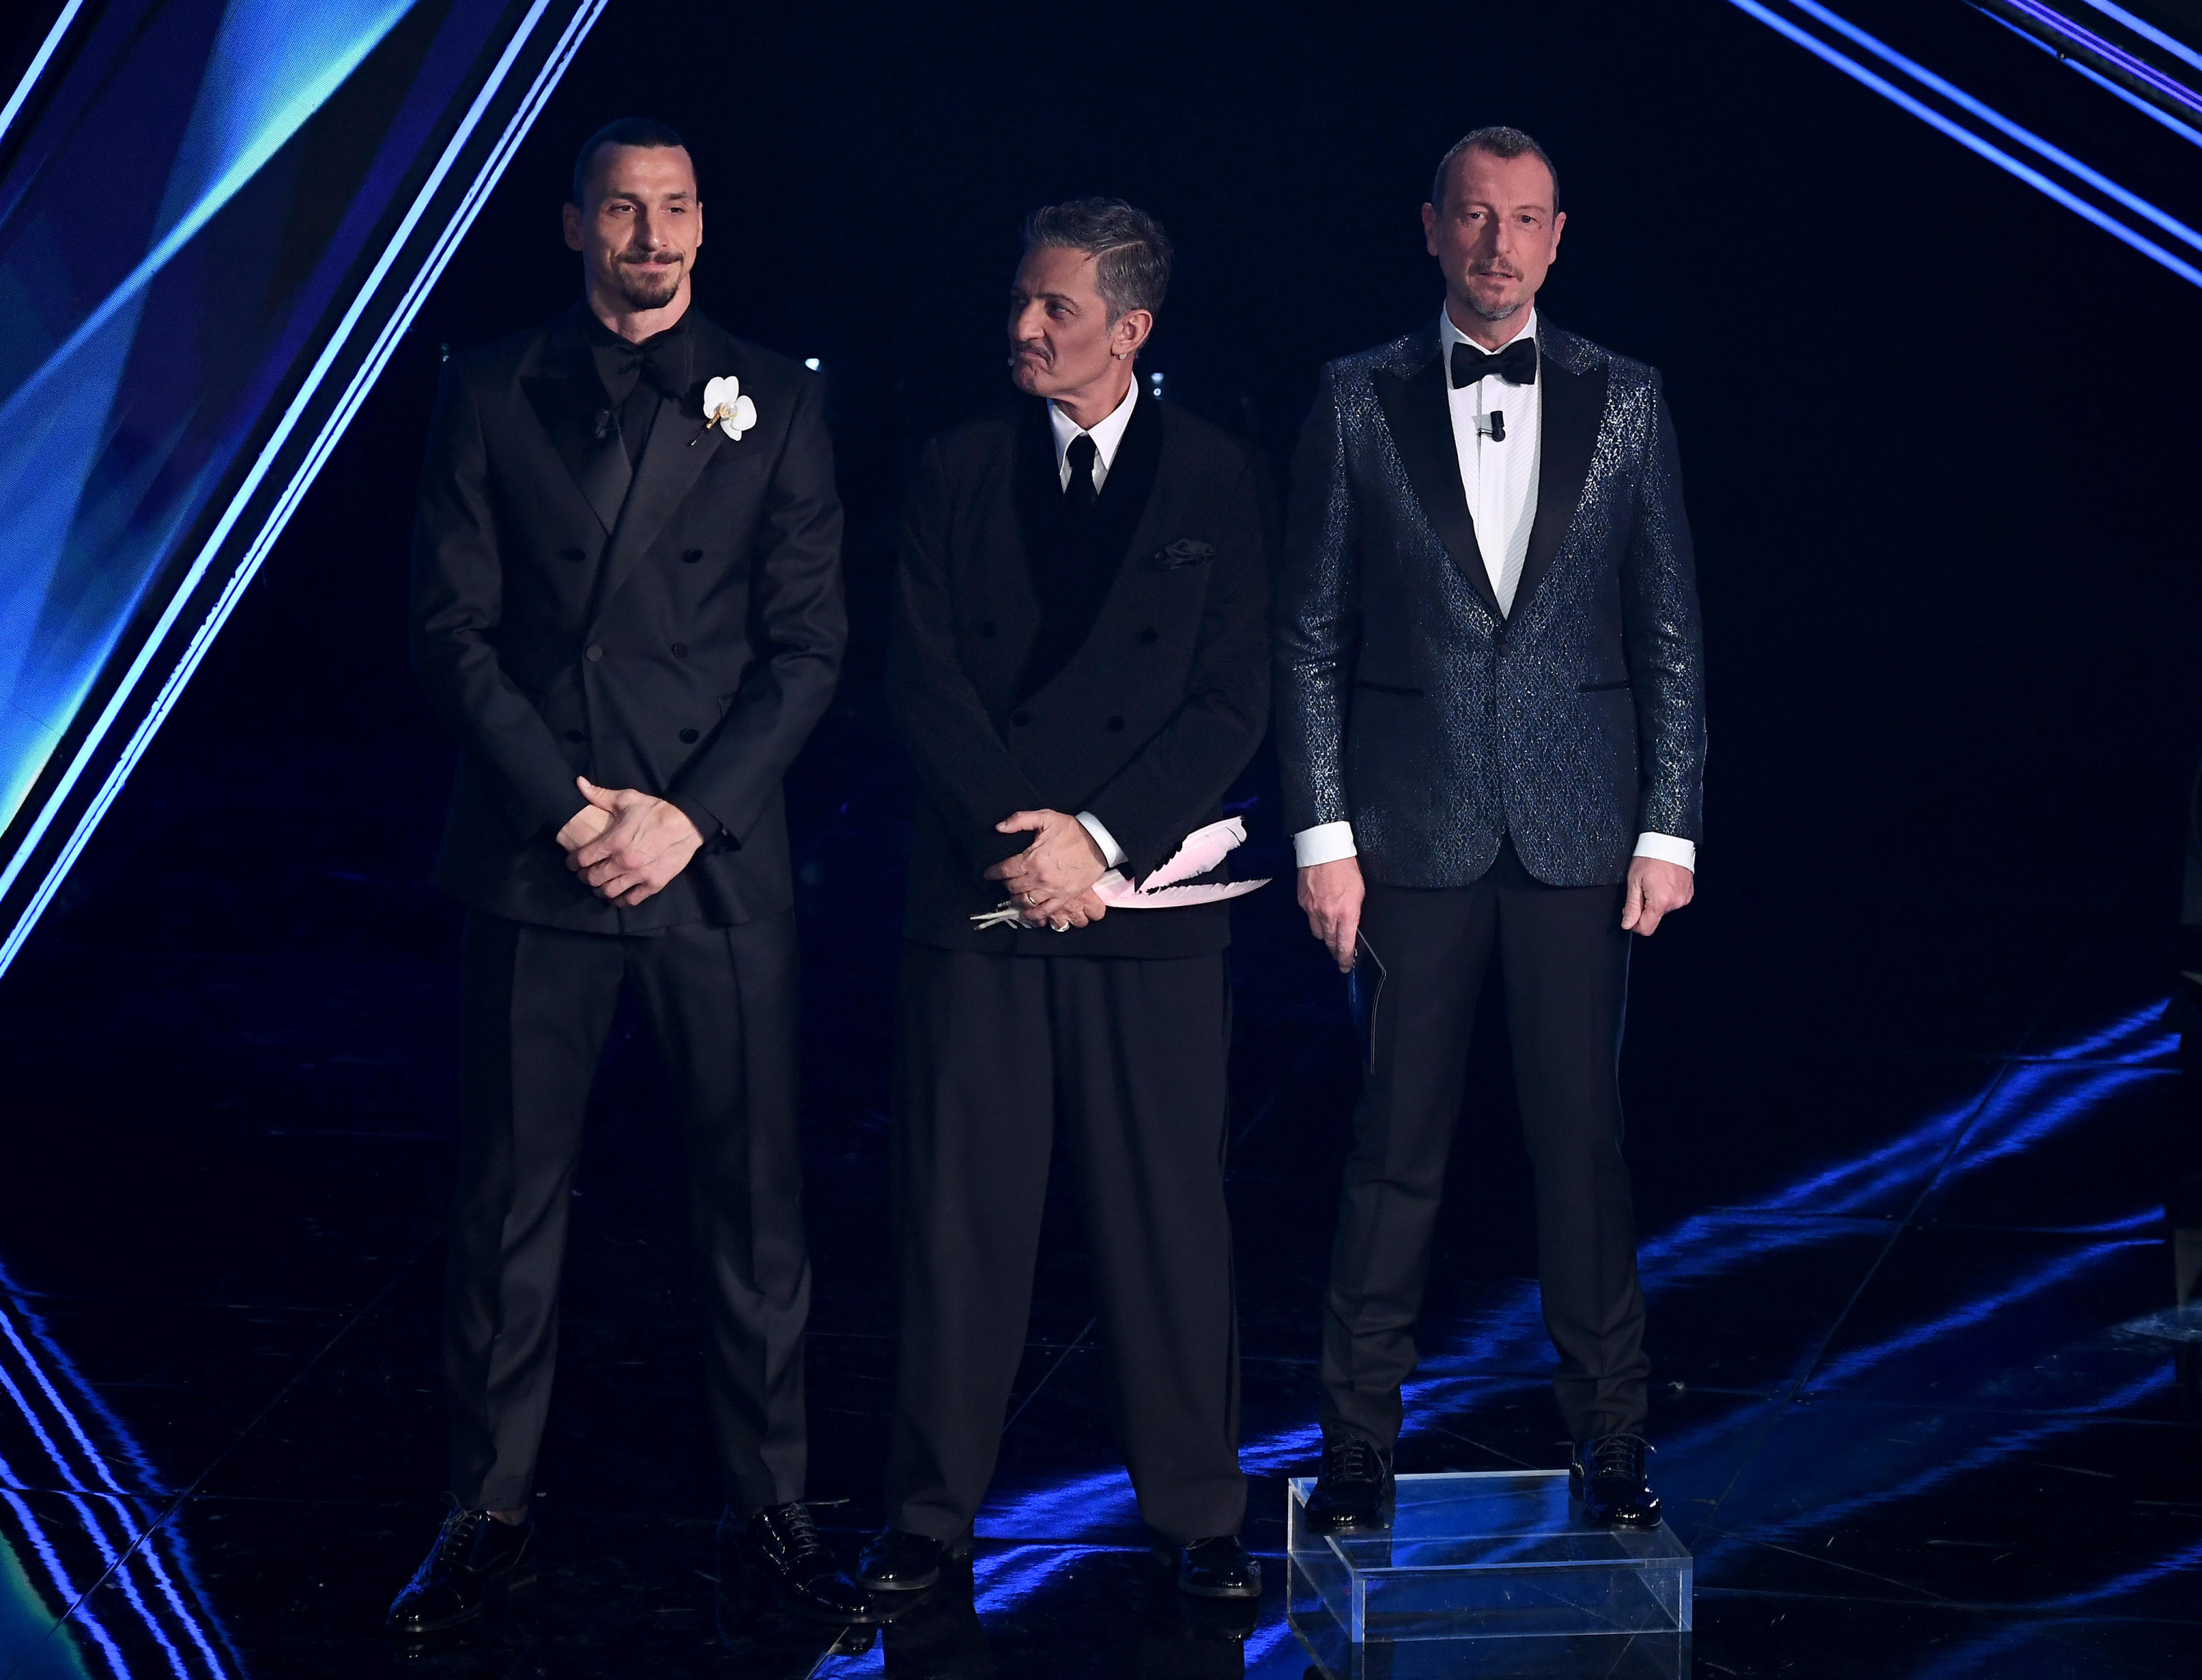 nella foto a colori si vedono, da sinistra, i tre presentatori del Festival, tutti vestiti con smoking nero escluso Amadeus, a destra, con giacca grigia che luccica.